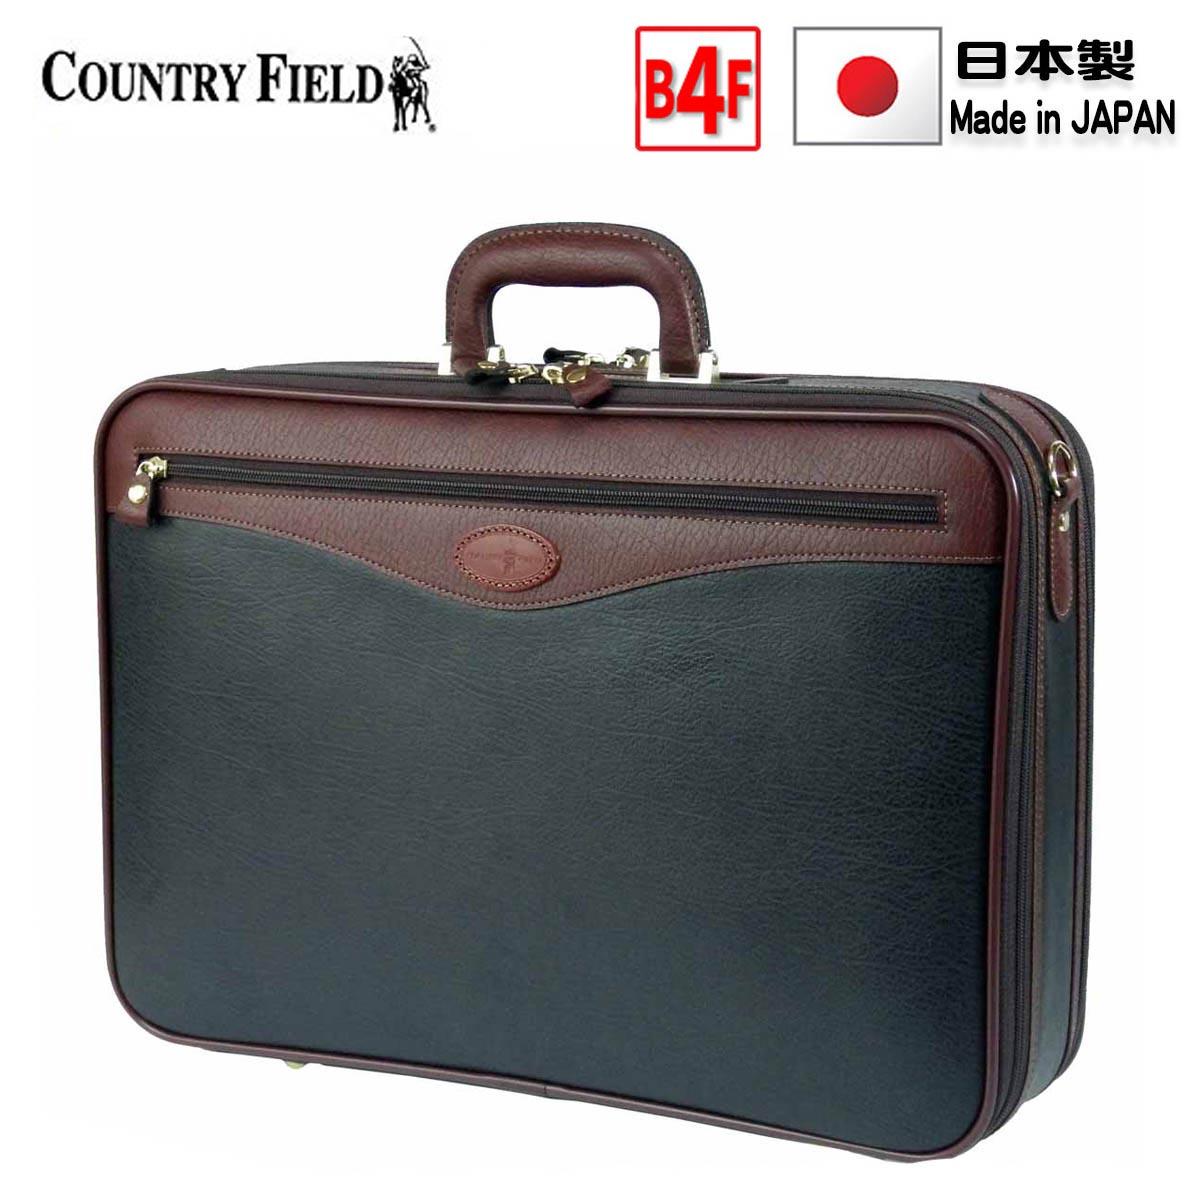 アタッシュケース COUNTRY FIELD カントリーフィールド ビジネスバッグ No:6255 A4 B4 ファイル 対応 ショルダー付き 2Way グリーン おしゃれ 日本製 薄い 通勤 通学 就活